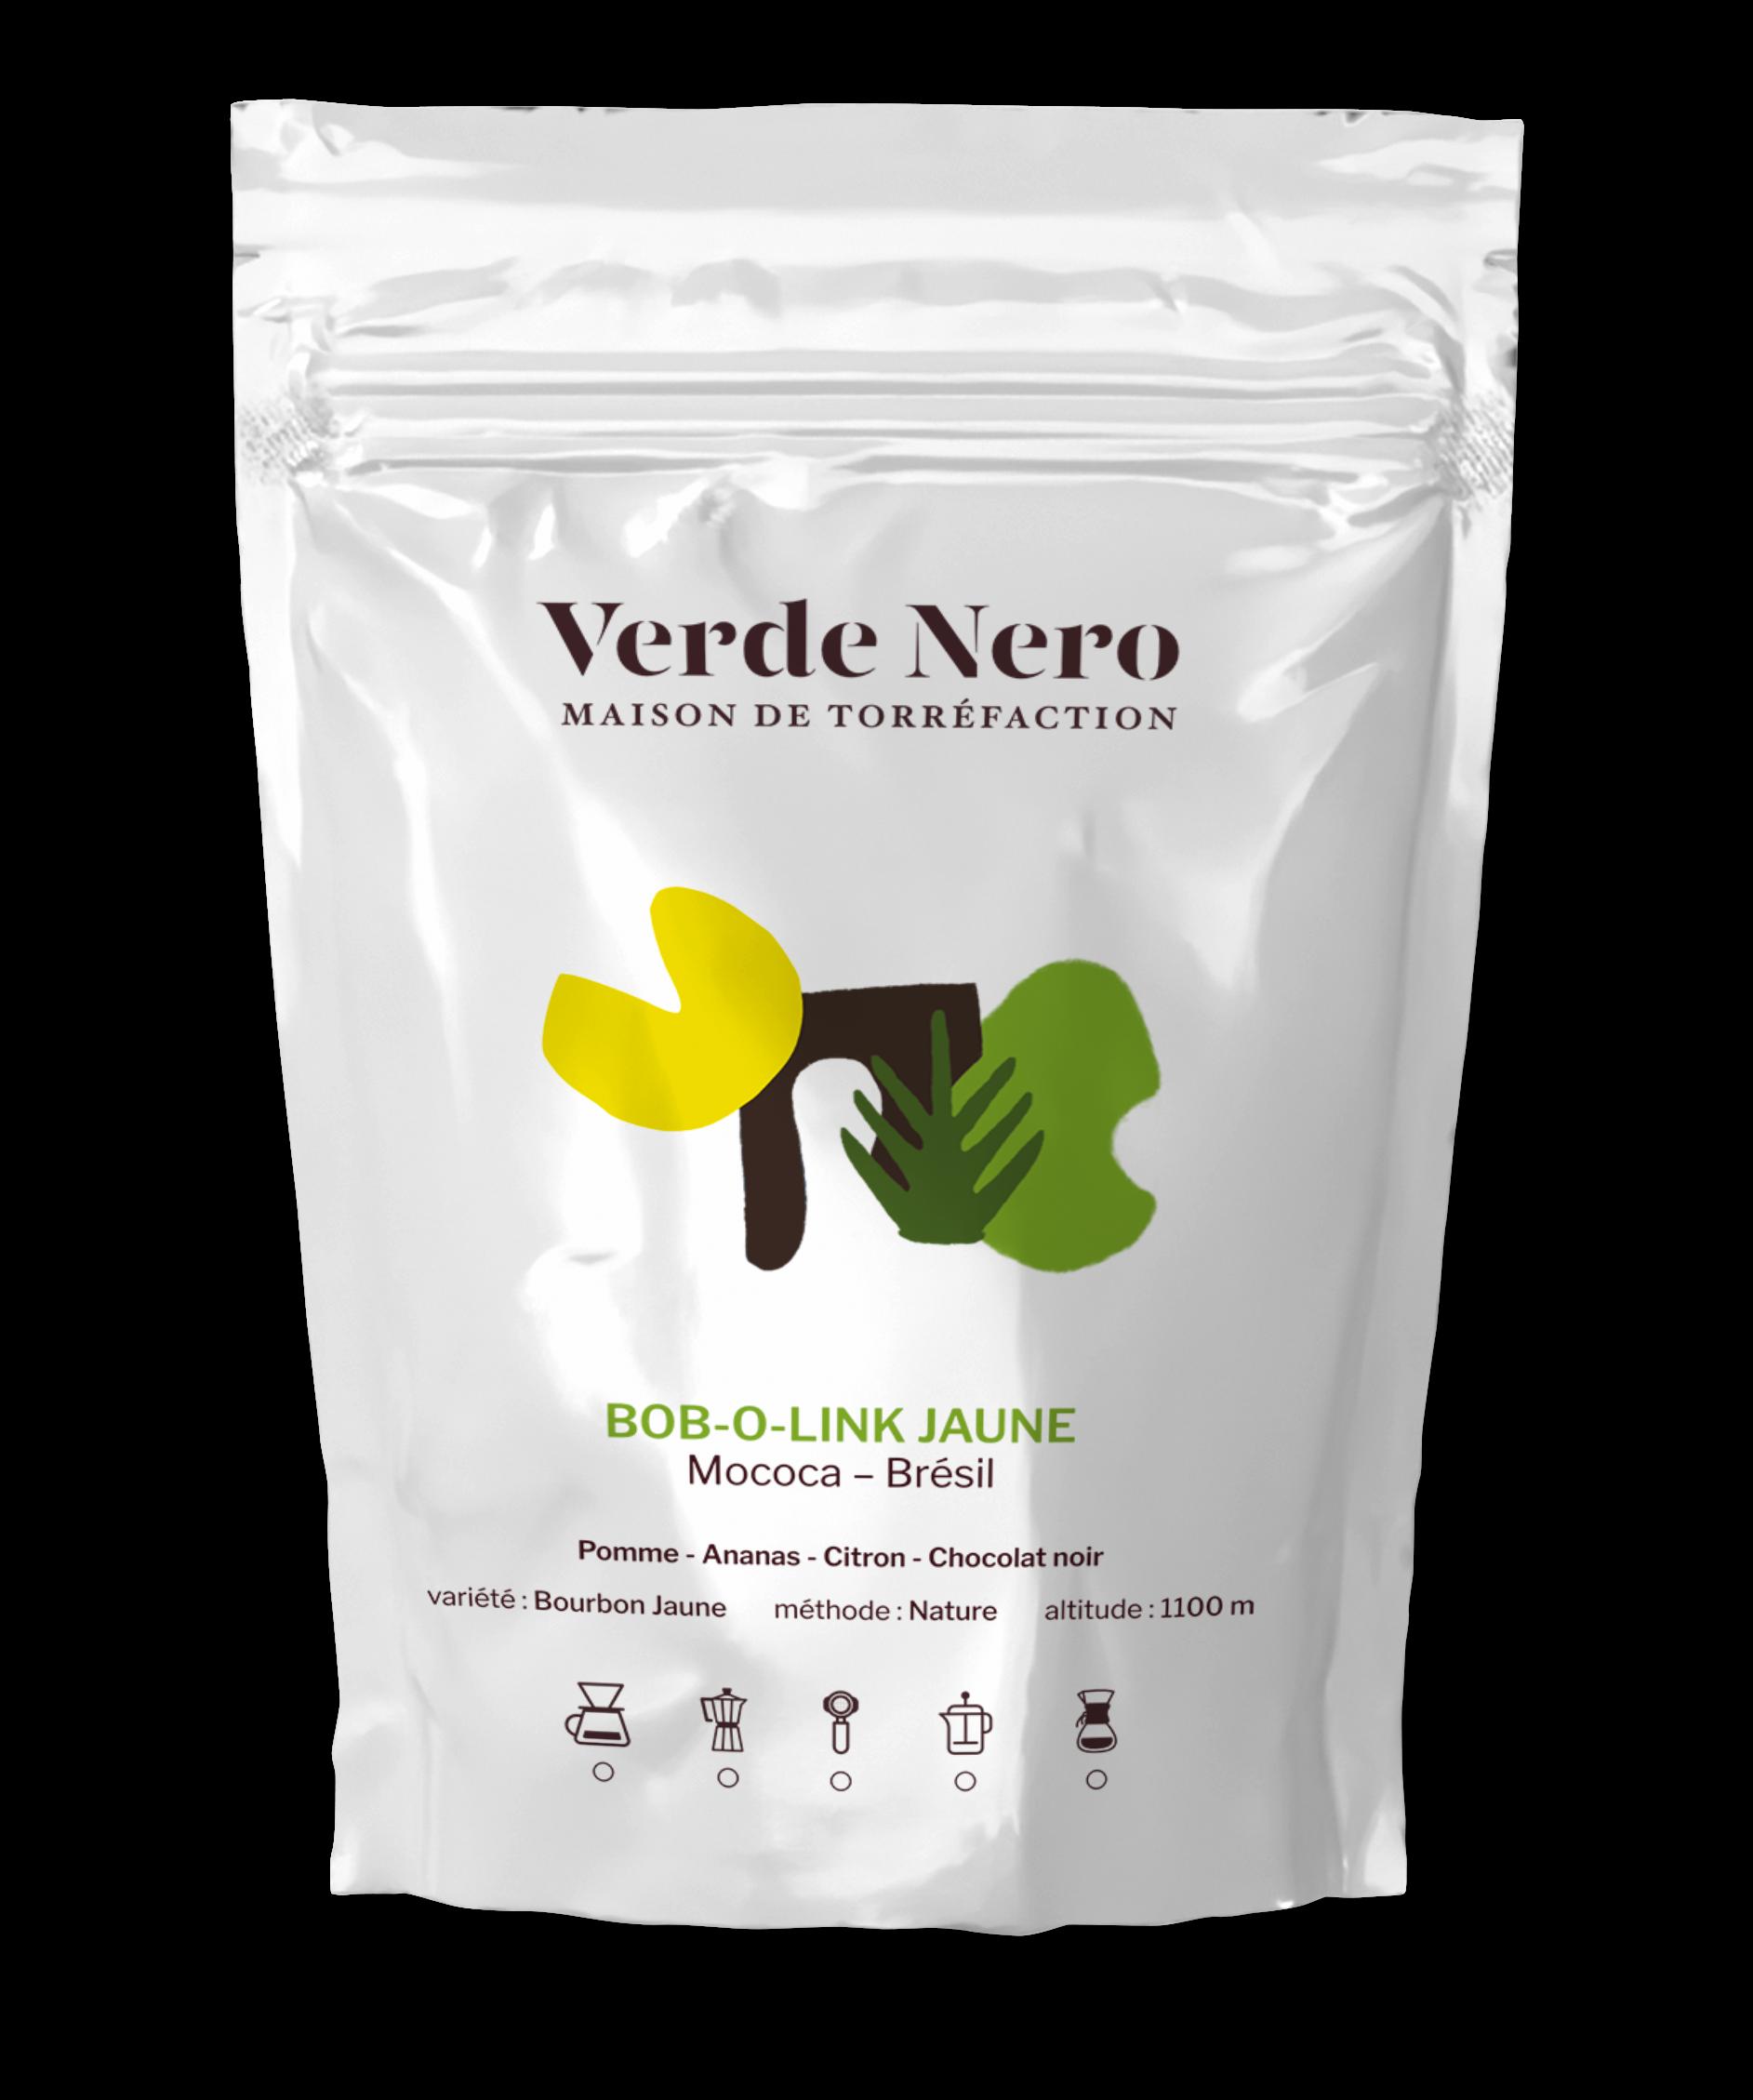 Verde Nero Café - Bob-O-Link Jaune